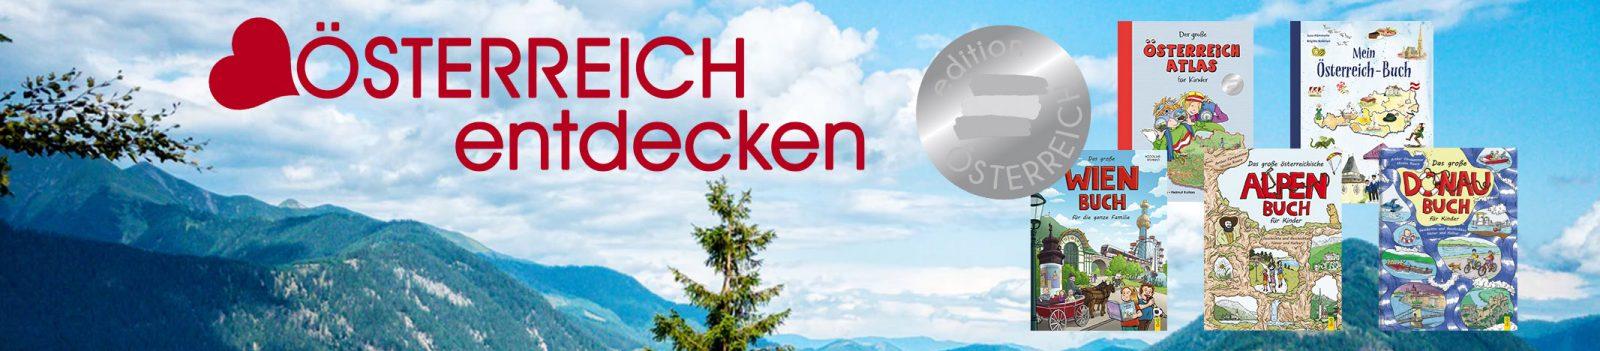 Edition Oesterreich_SOMMER